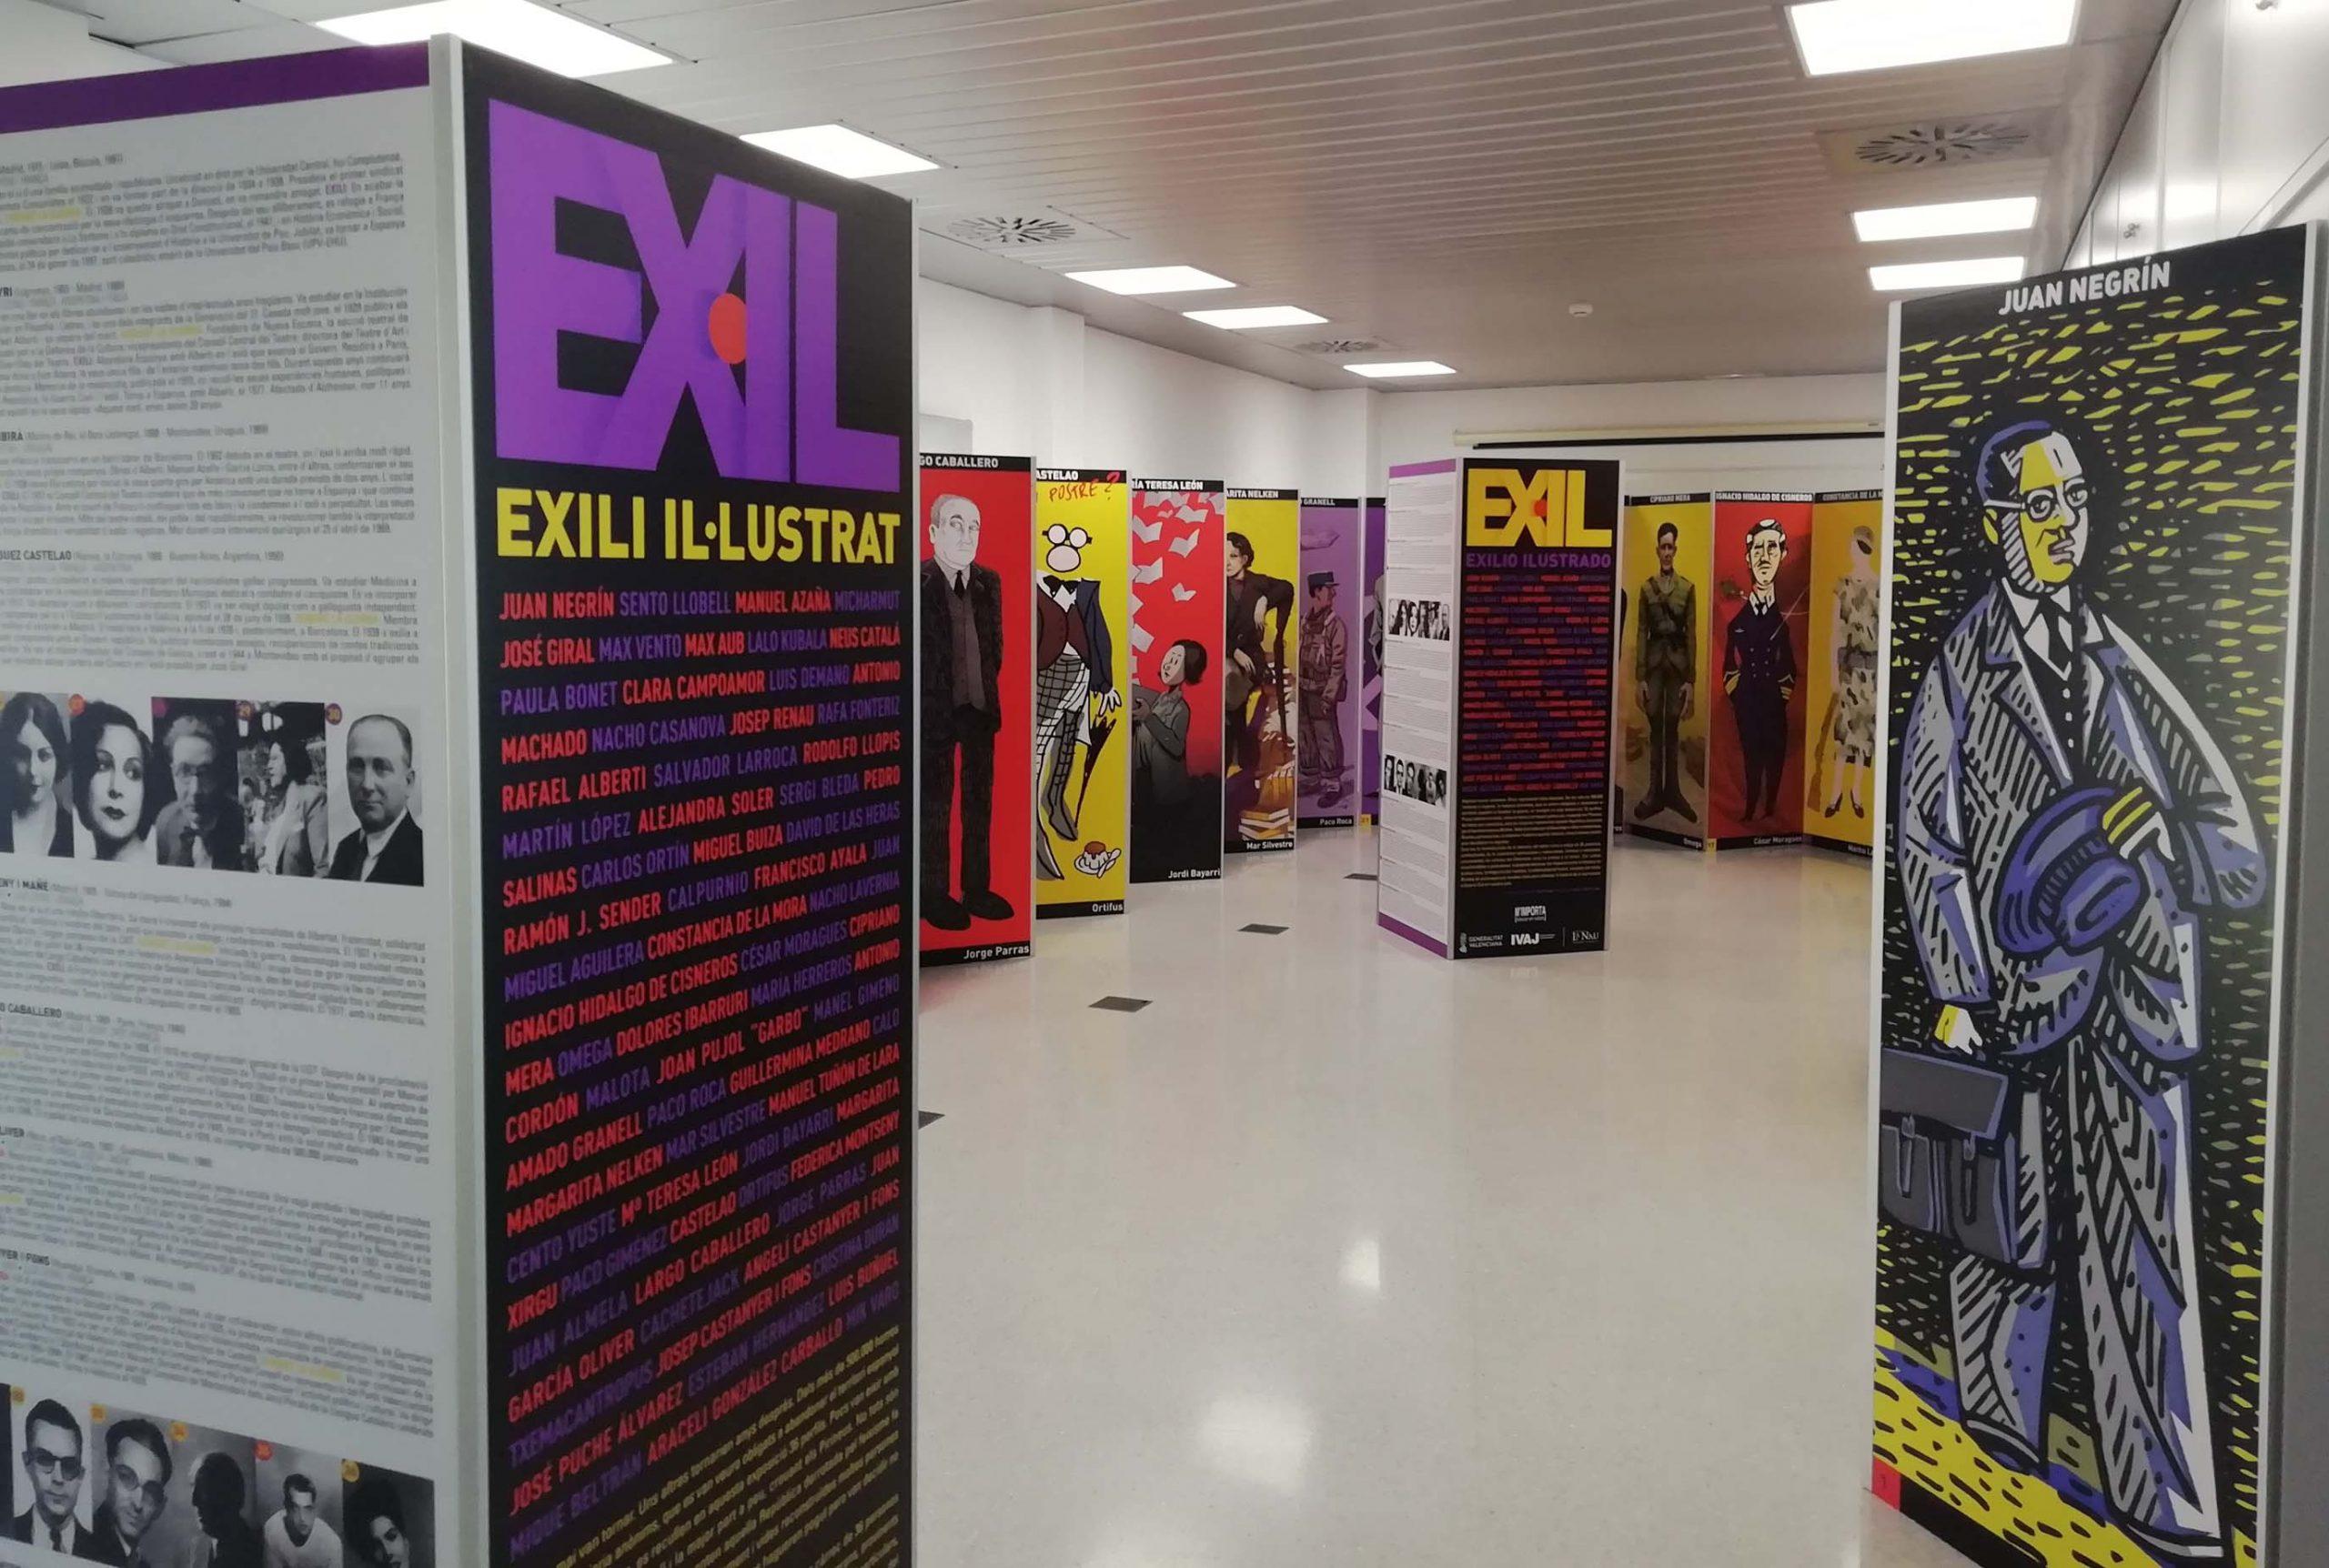 Imagen destacada 'Exili Il·lustrat', exposición itinerante del IVAJ, viaja a Macastre, Argelita y Alborache